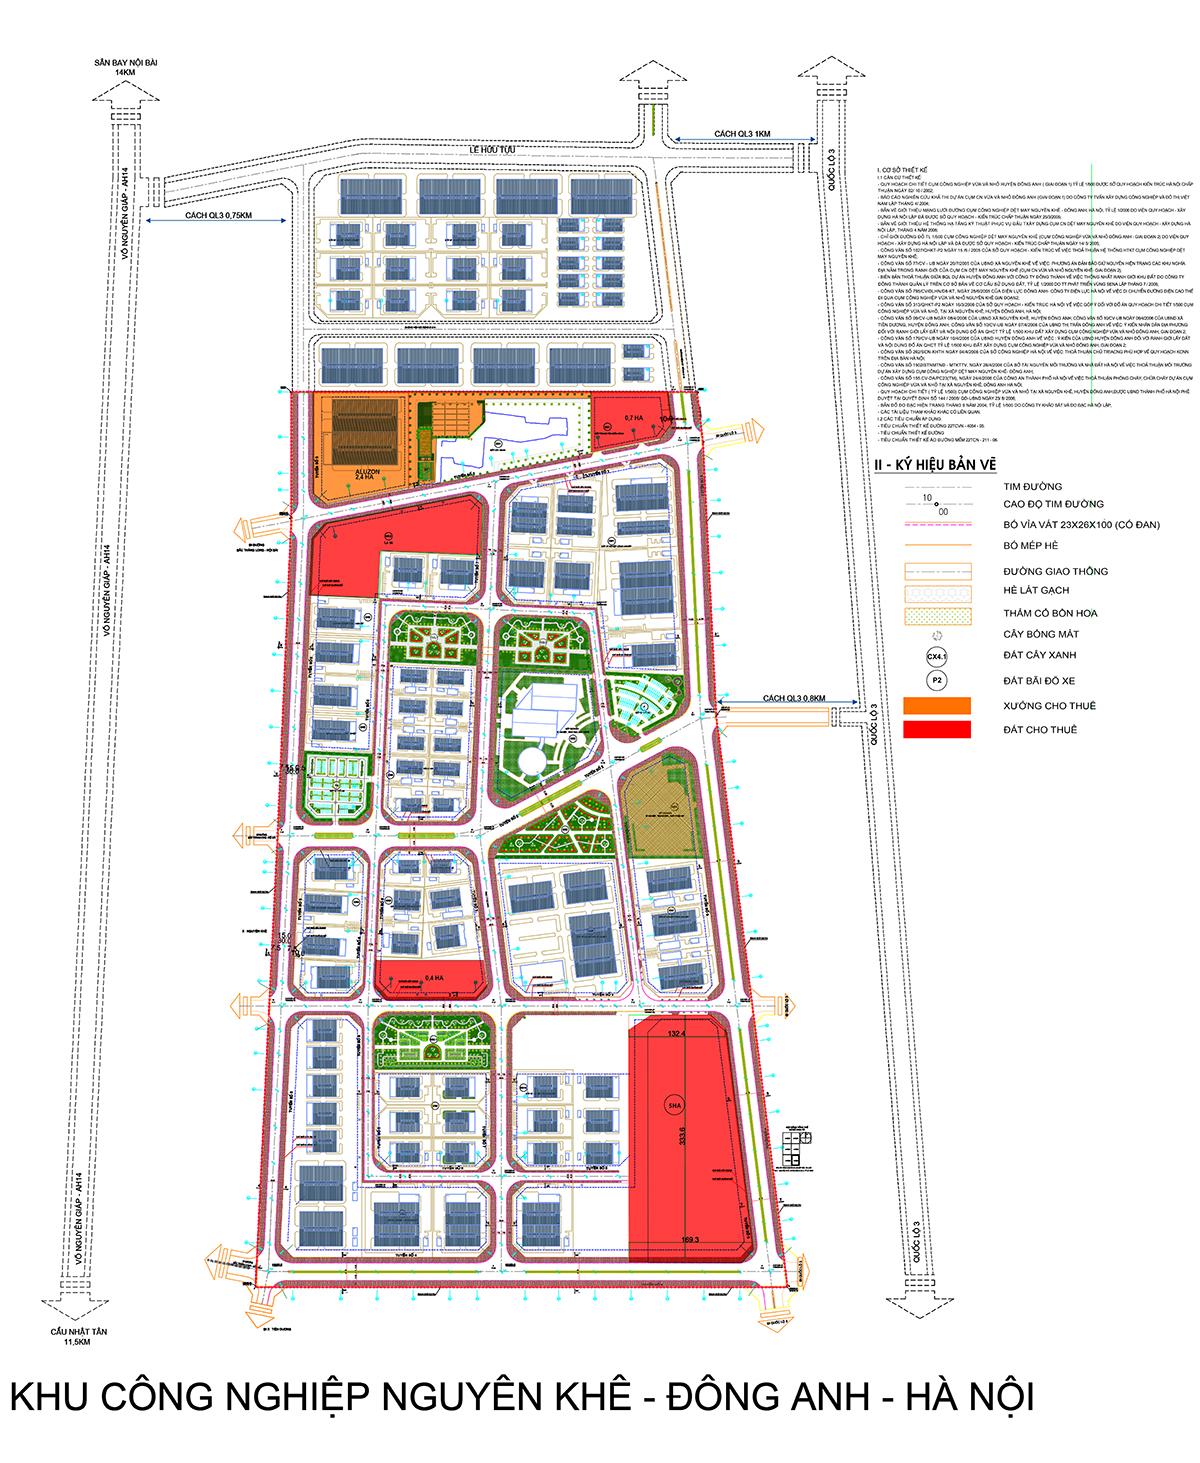 Cho thuê mặt bằng xưởng Khu CN Nguyên Khê, Đông Anh, Hà Nội 40623798631_730031f79e_o